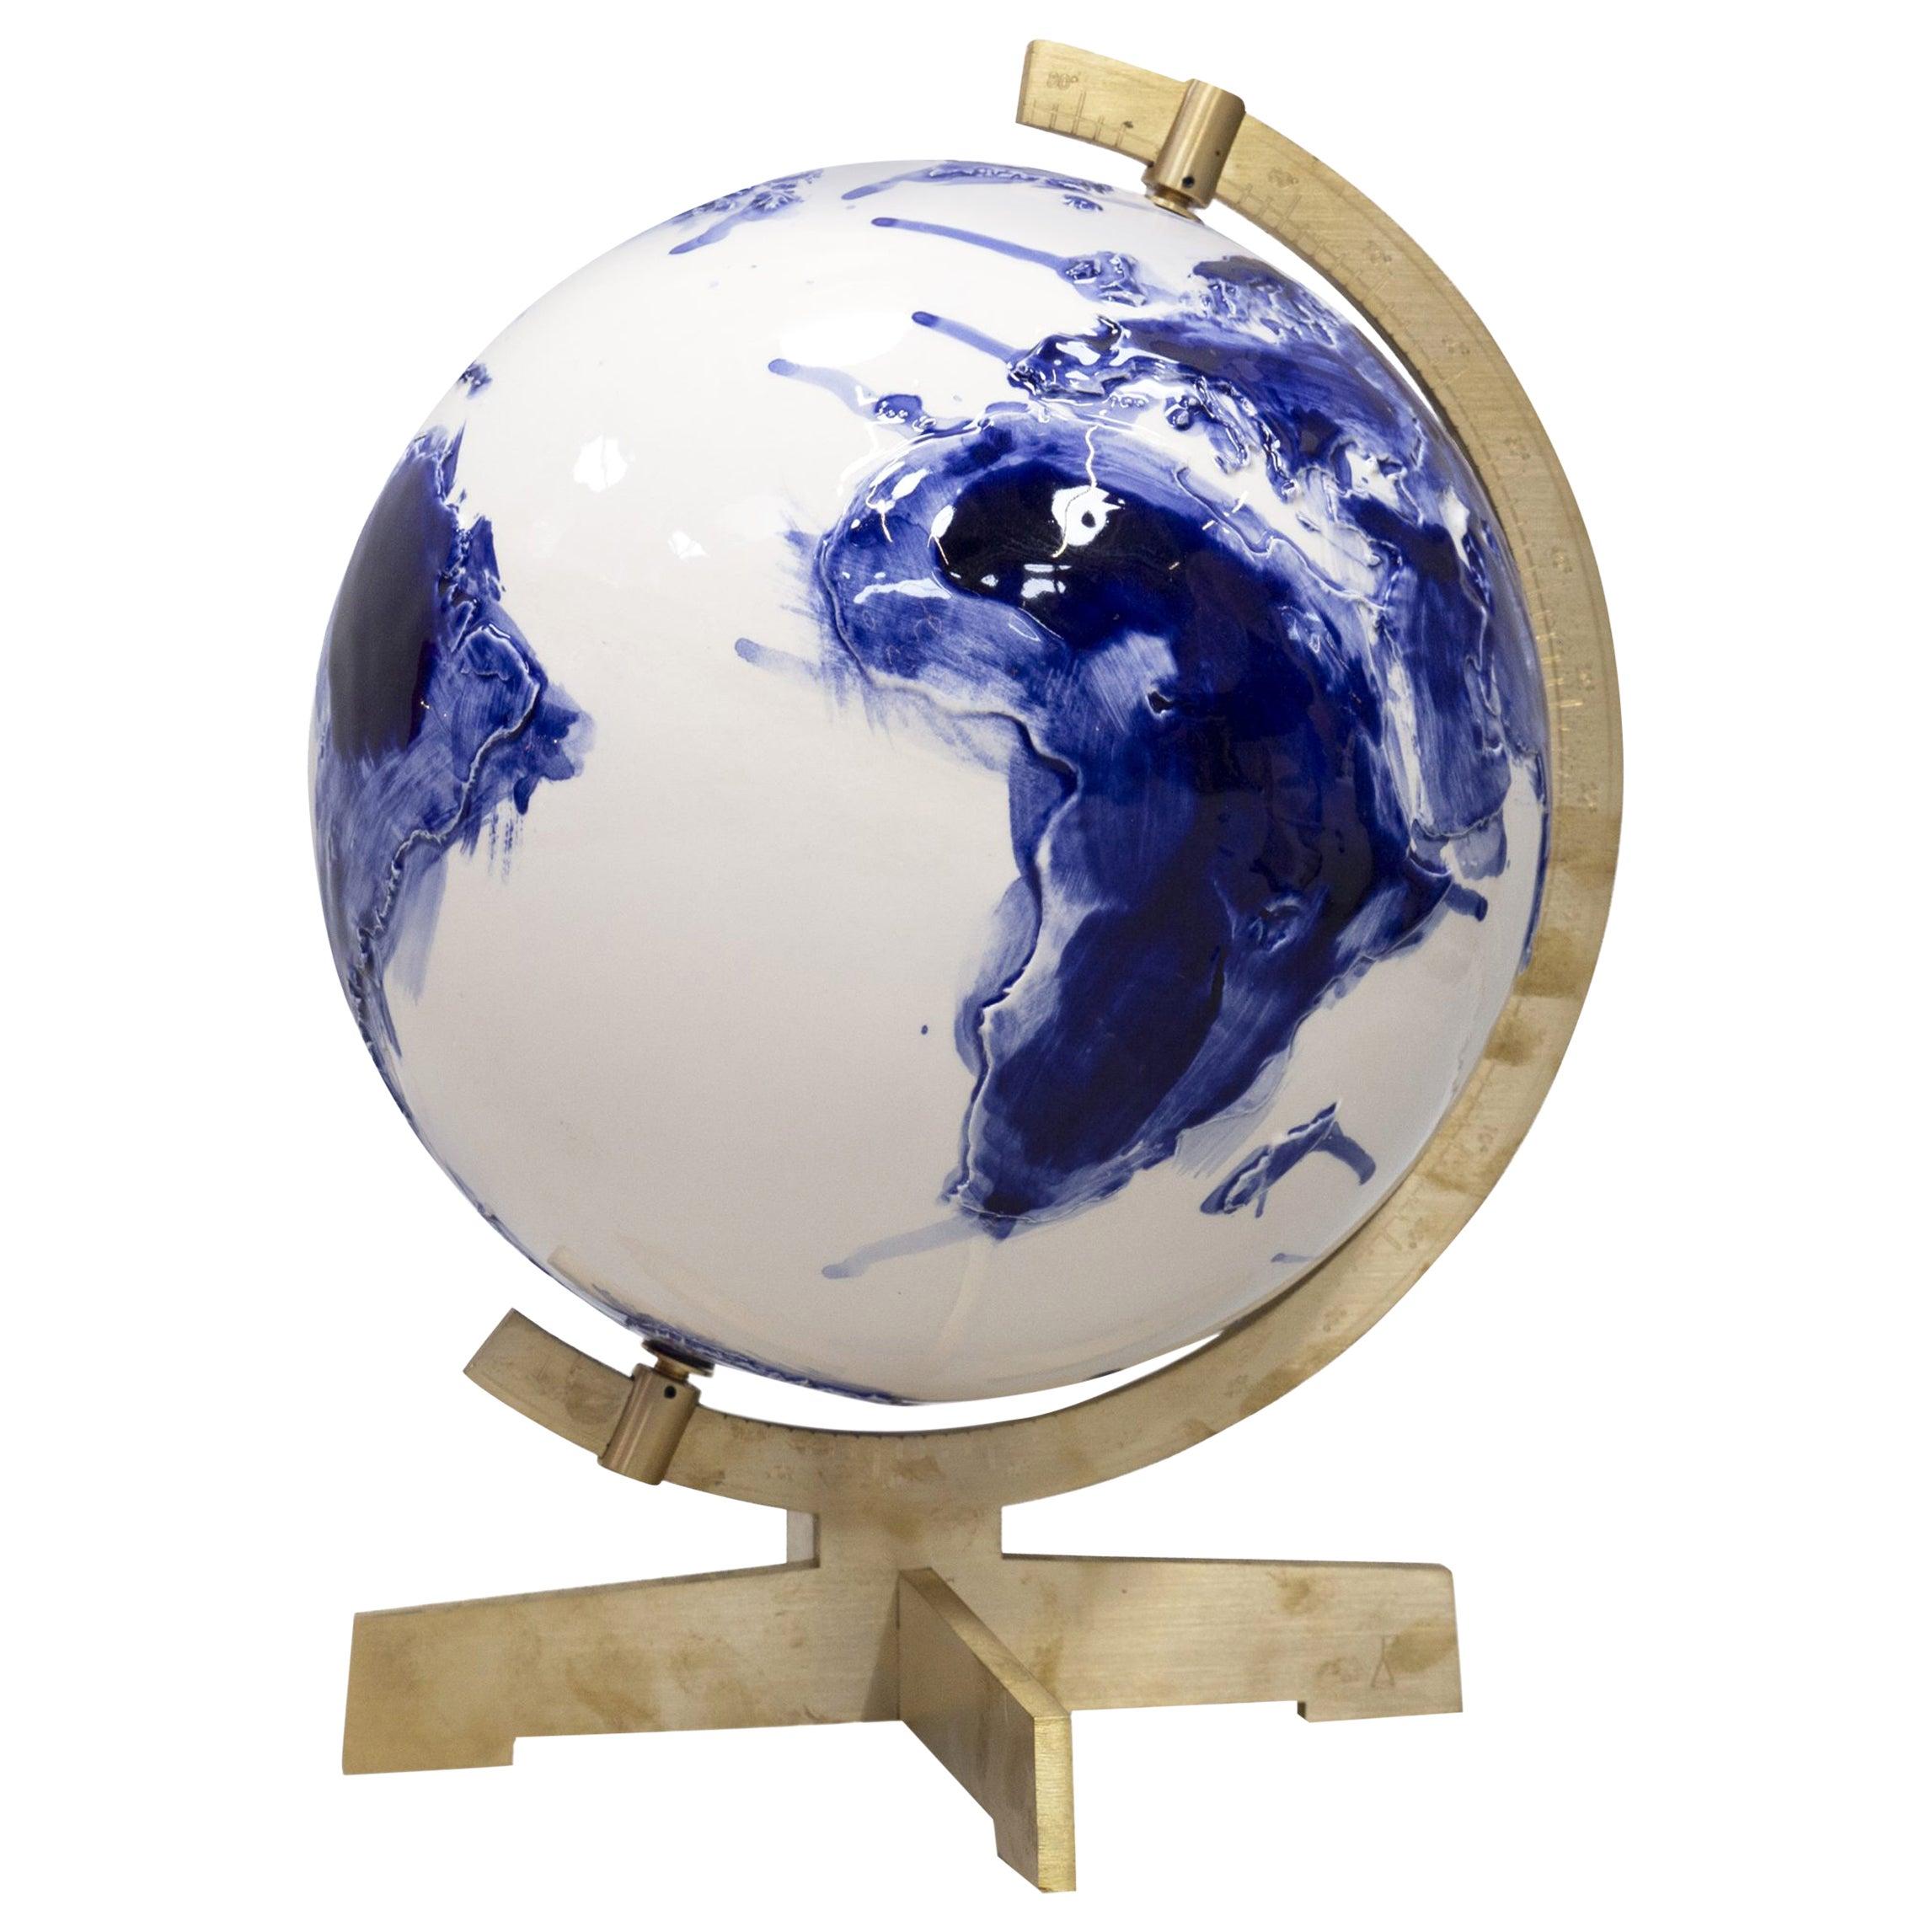 Unique Earth Globe Sculpture by Alex de Witte